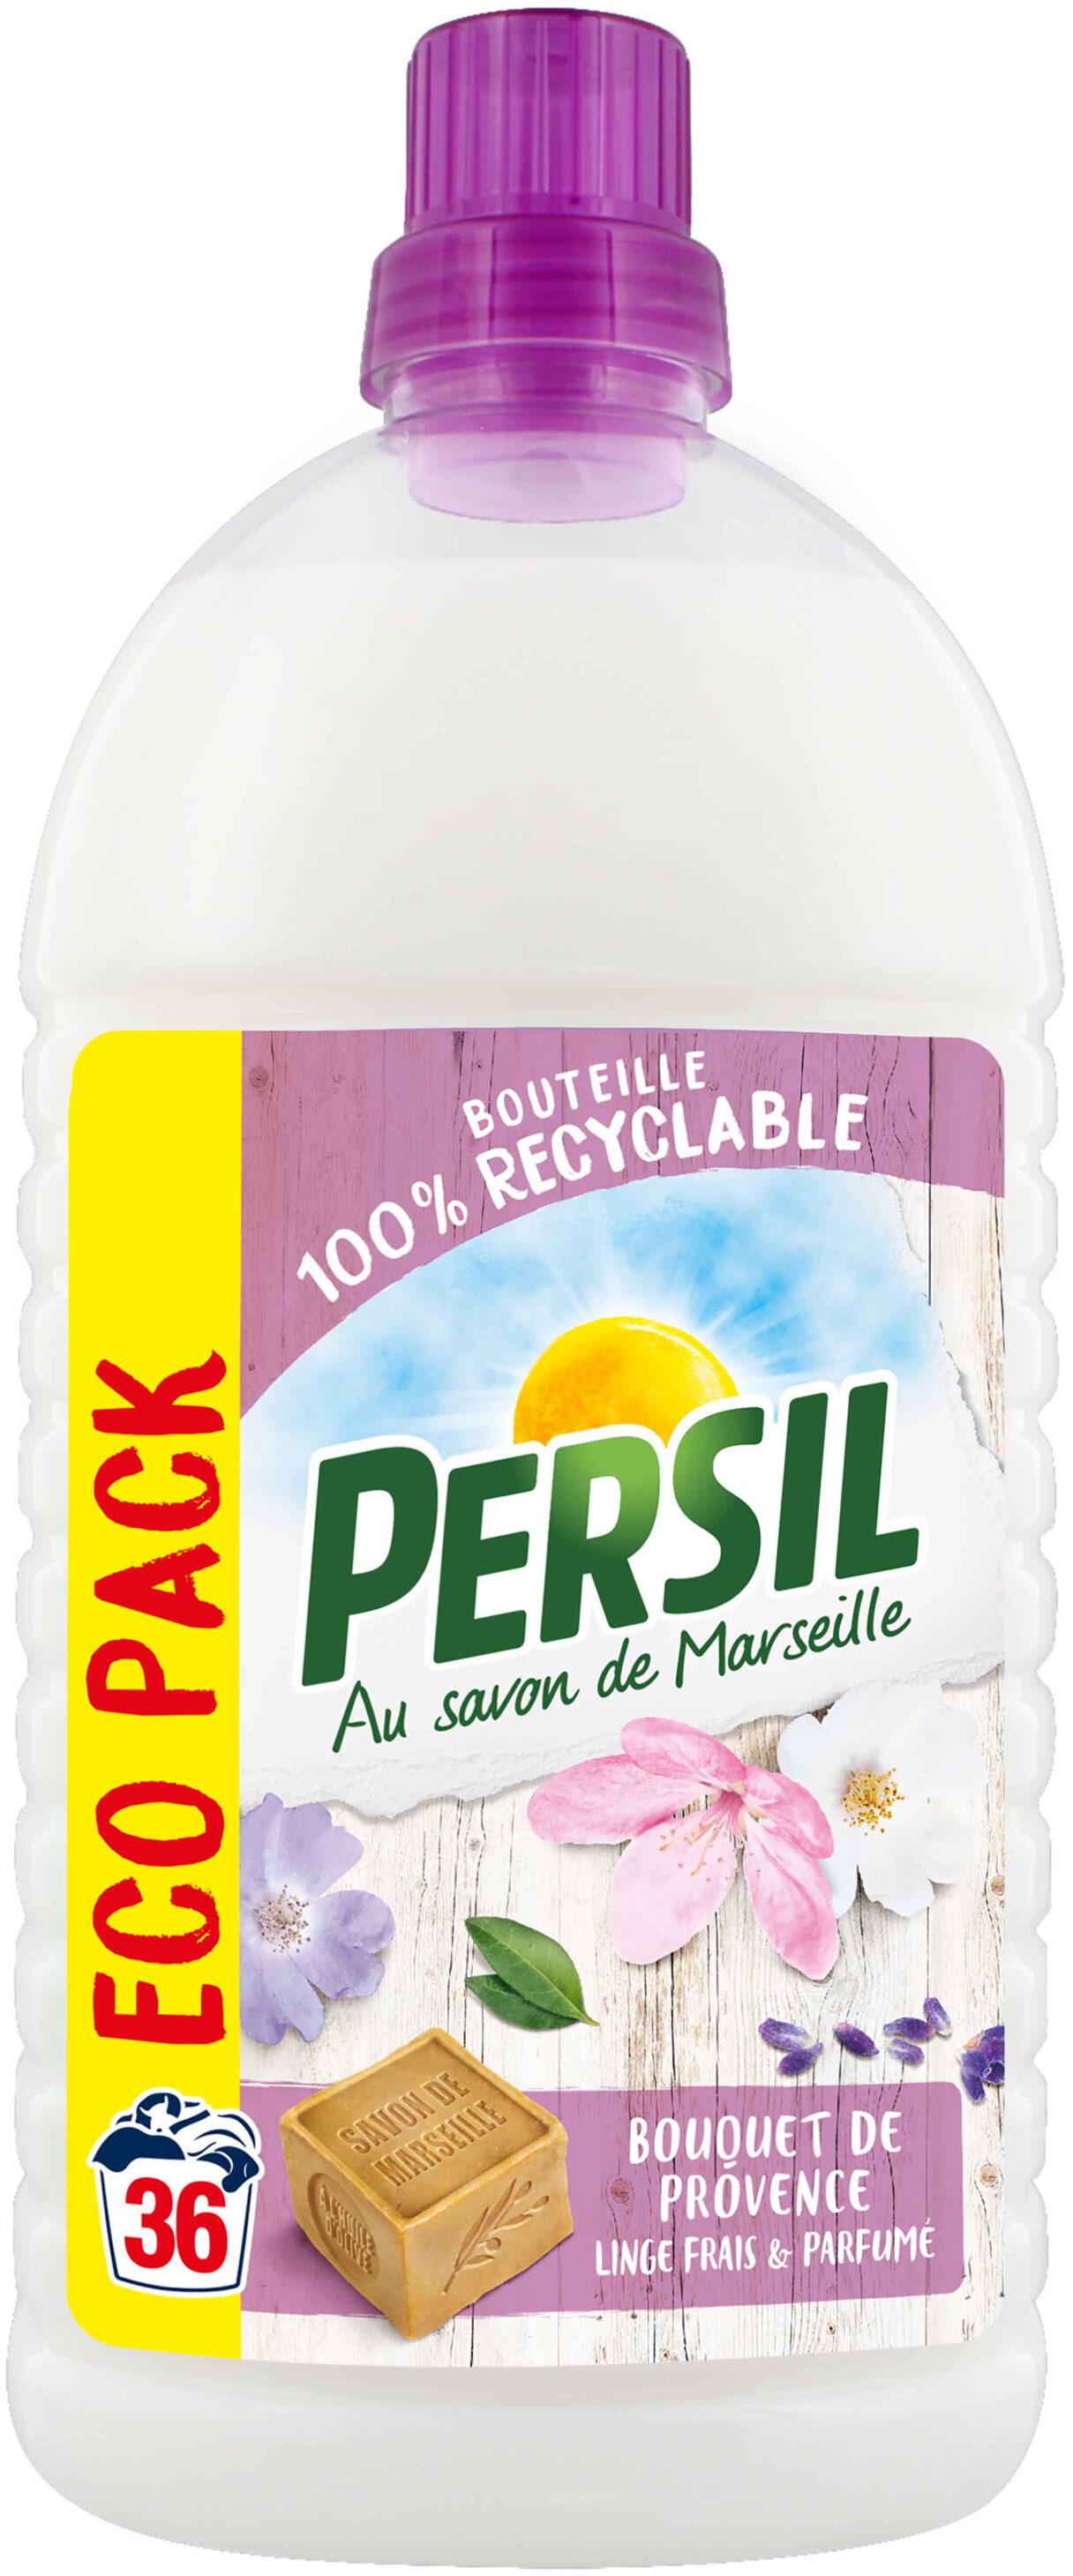 Persil Lessive Liquide Bouquet de Provence 1,8l 36 Lavages - Produit - fr